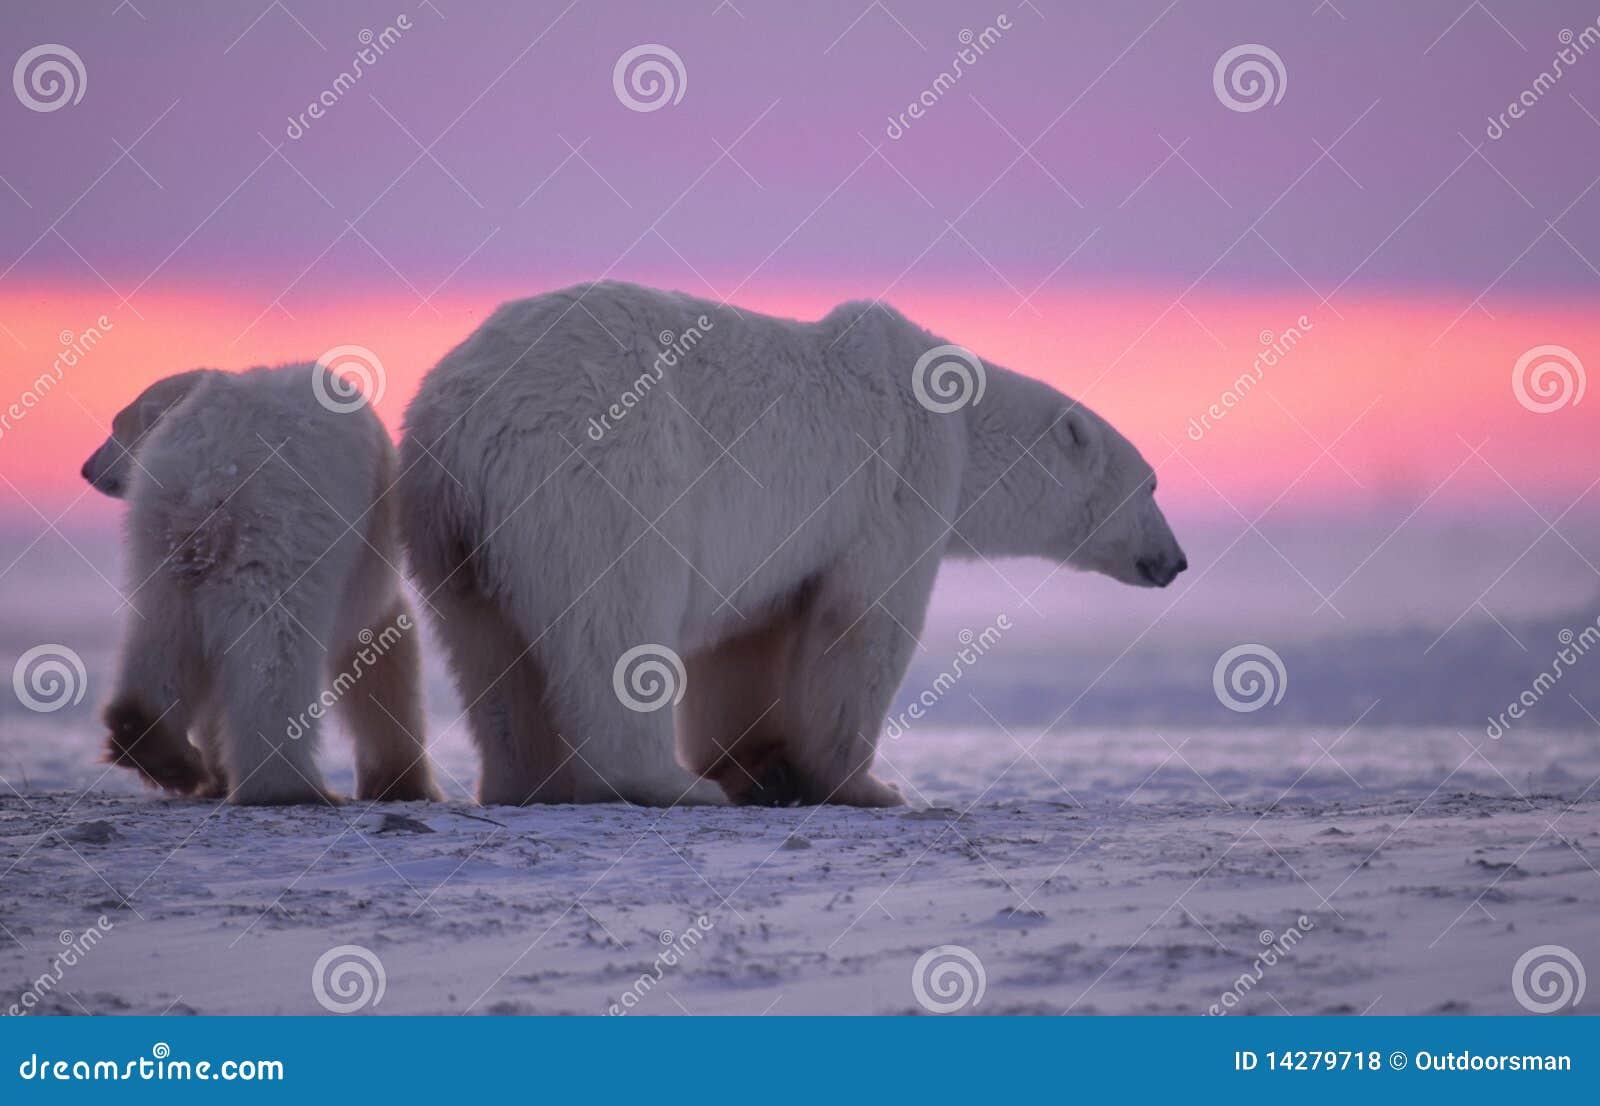 小熊极性日落